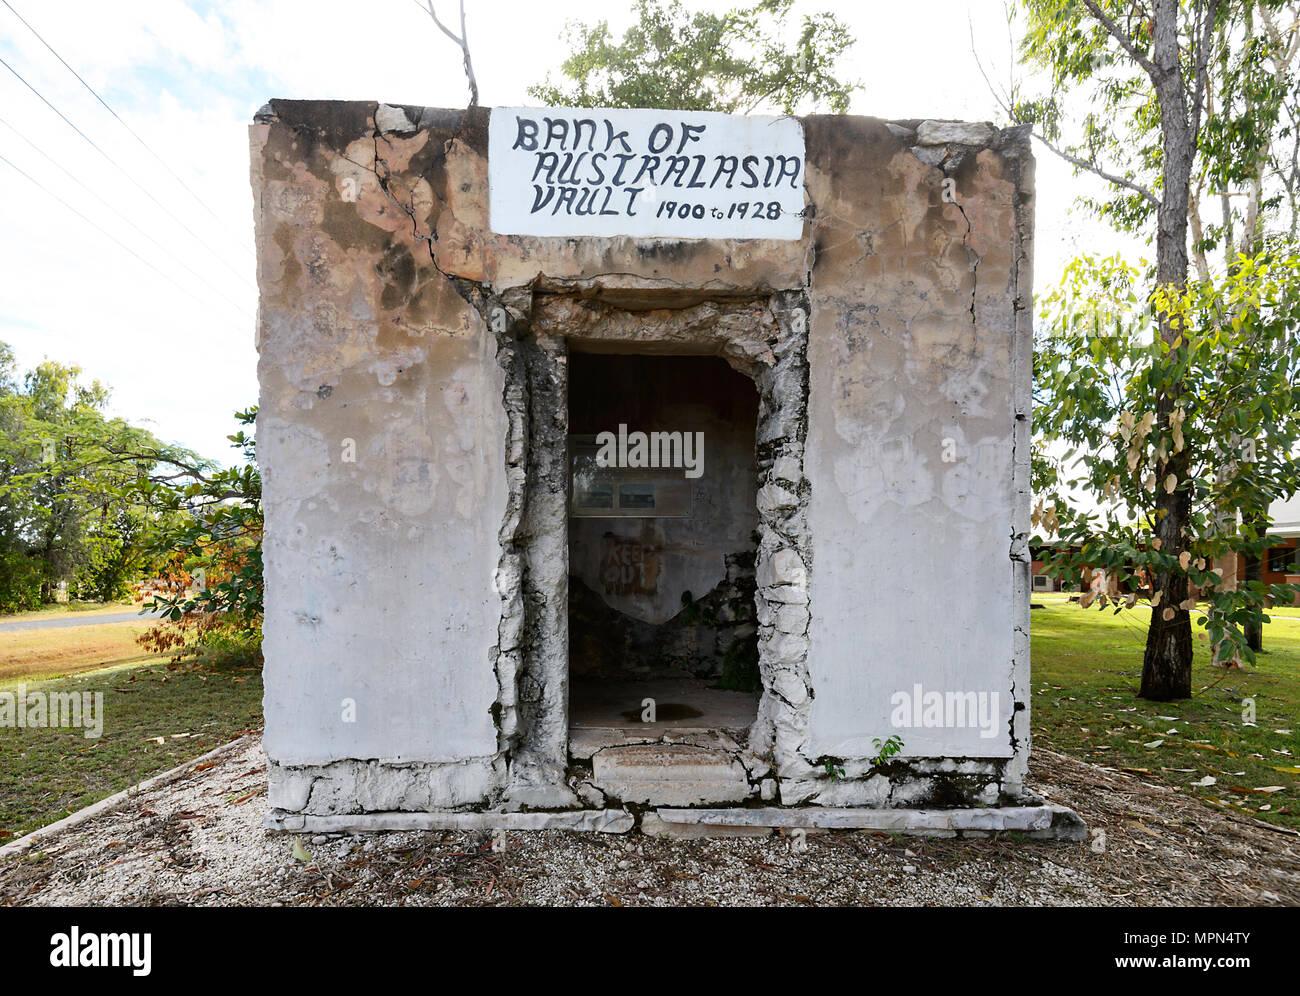 Rovine di Banca d'Australasia archivio nel piccolo borgo rurale di Chillagoe, estremo Nord Queensland, FNQ, QLD, Australia Immagini Stock